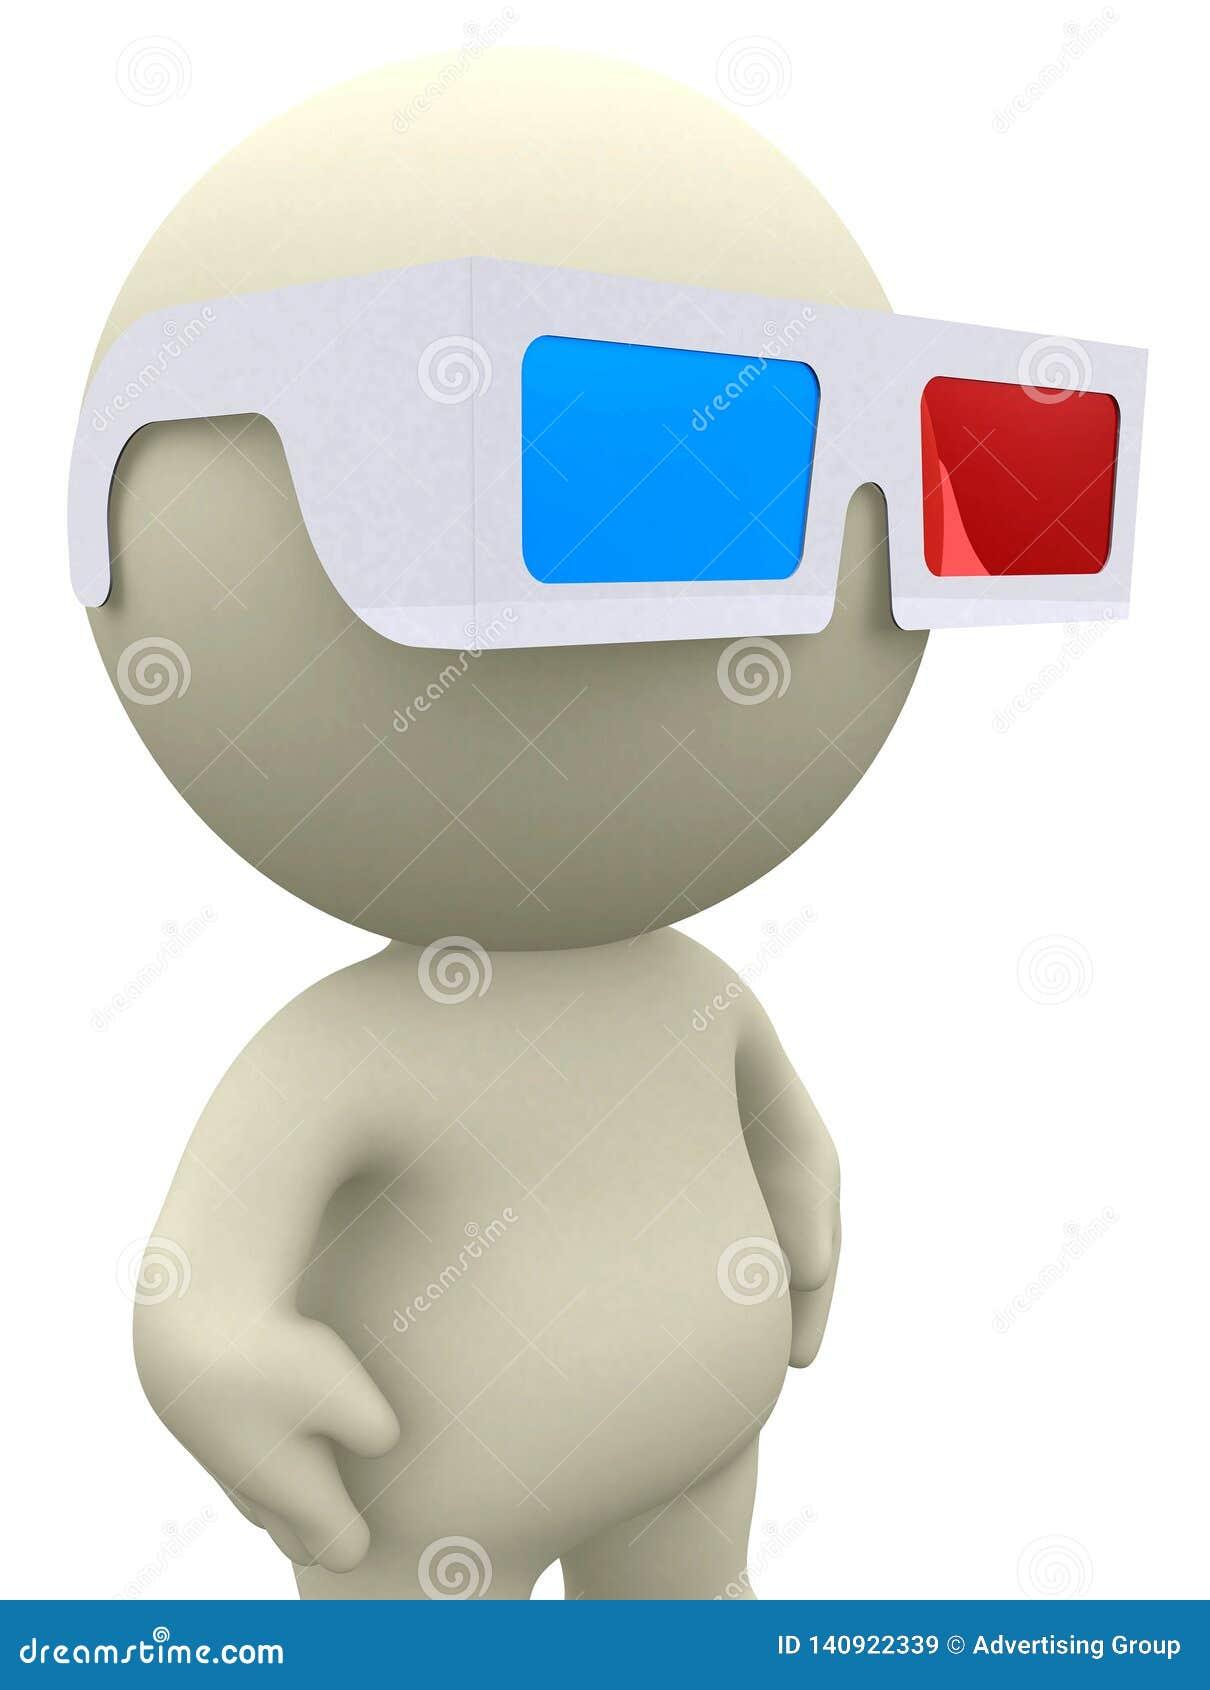 Guy with 3D glasses, 3D illustration, 3D render